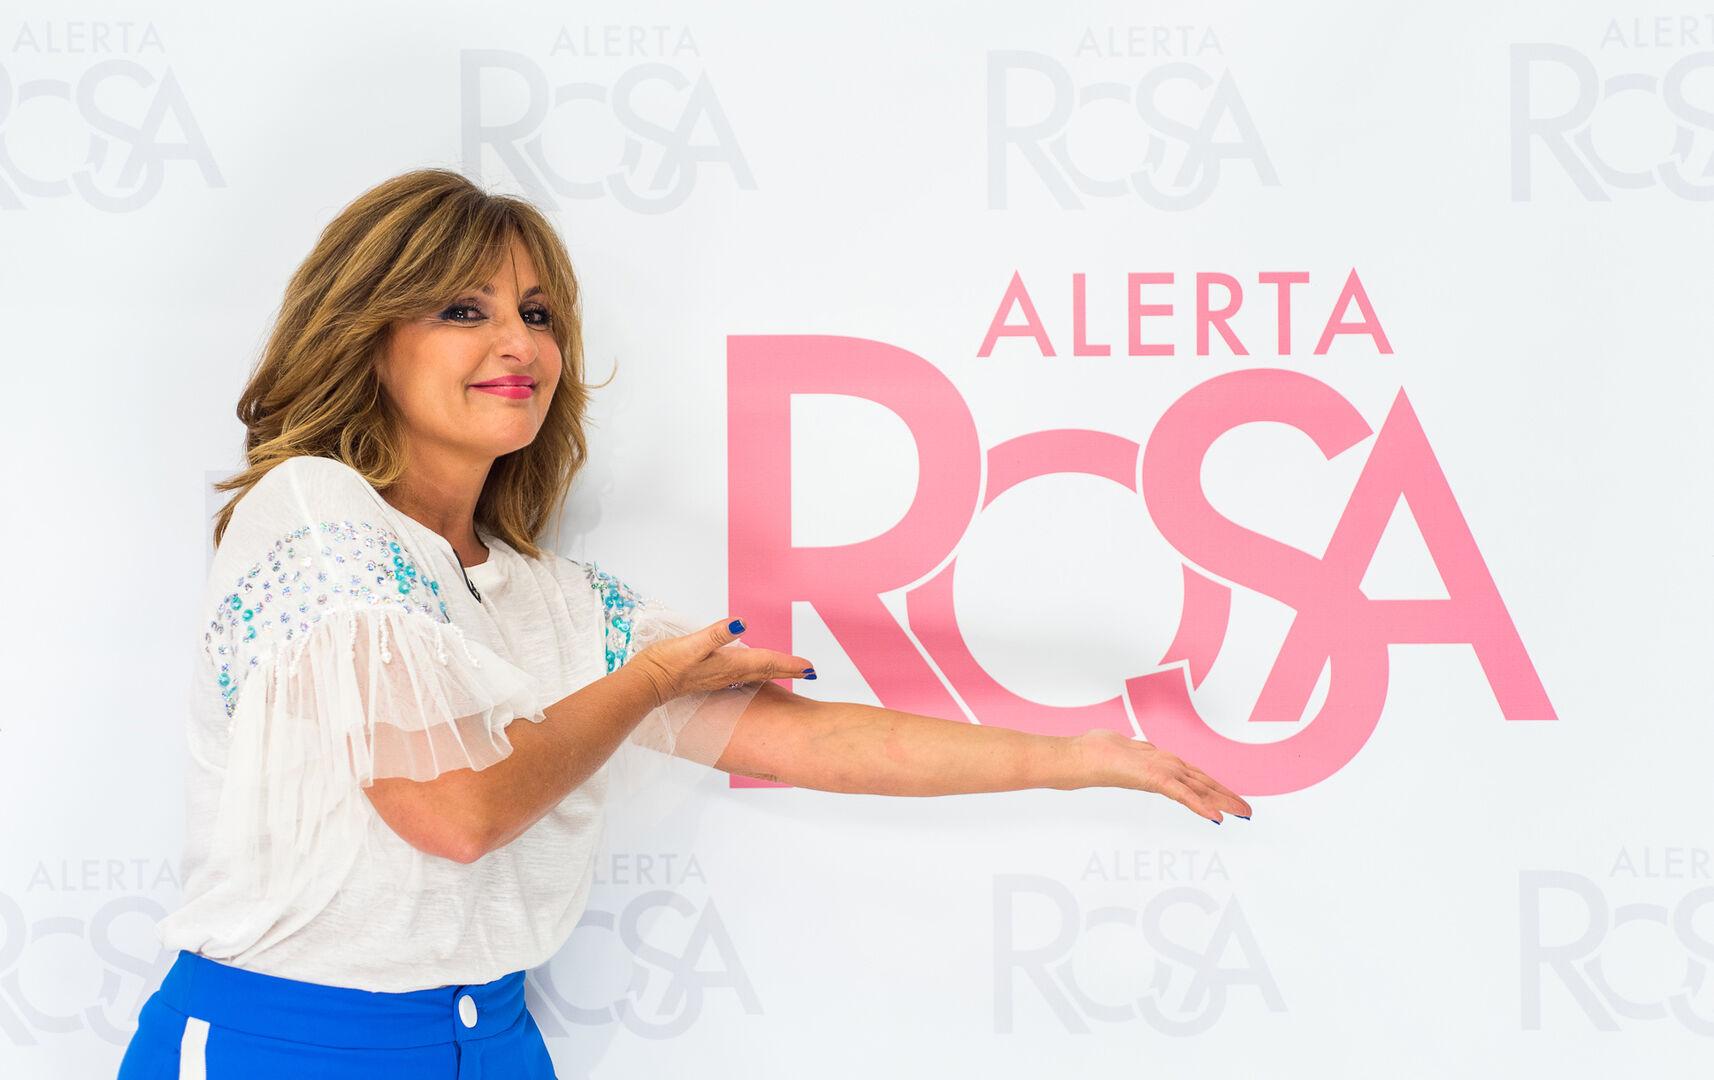 ALERTA ROSA - Cover